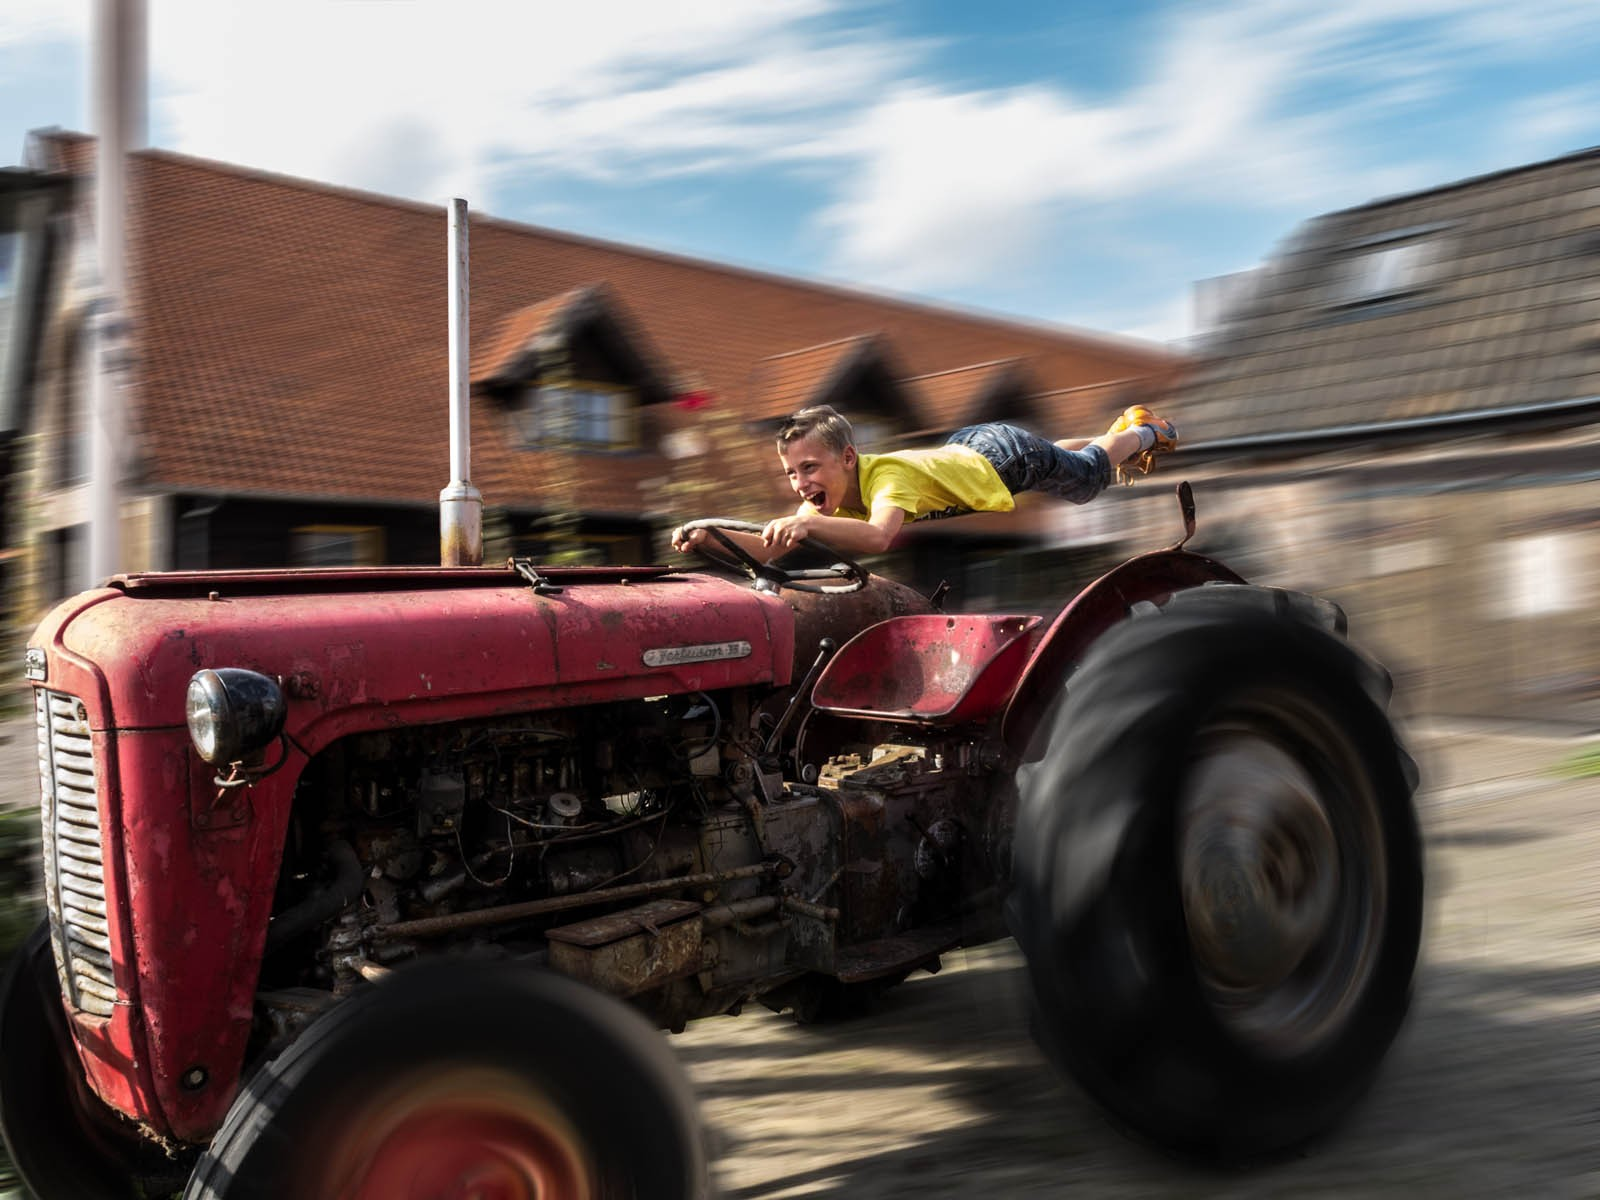 Tractor racing